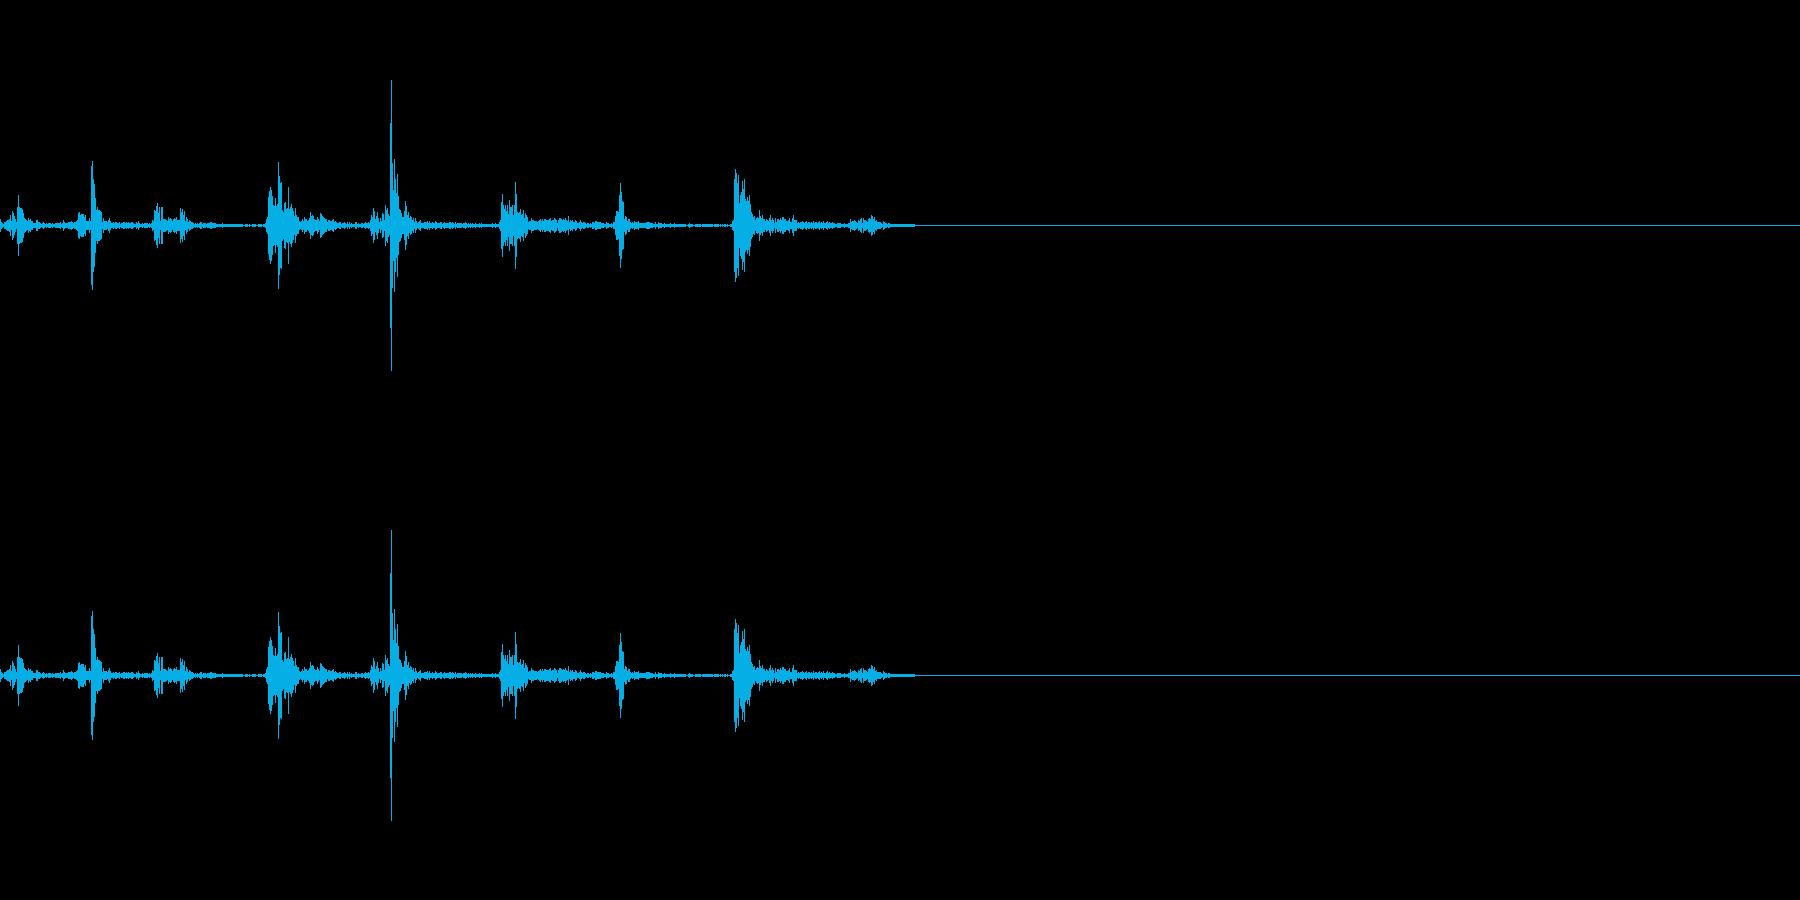 カタカタとキーボードを叩く音の再生済みの波形